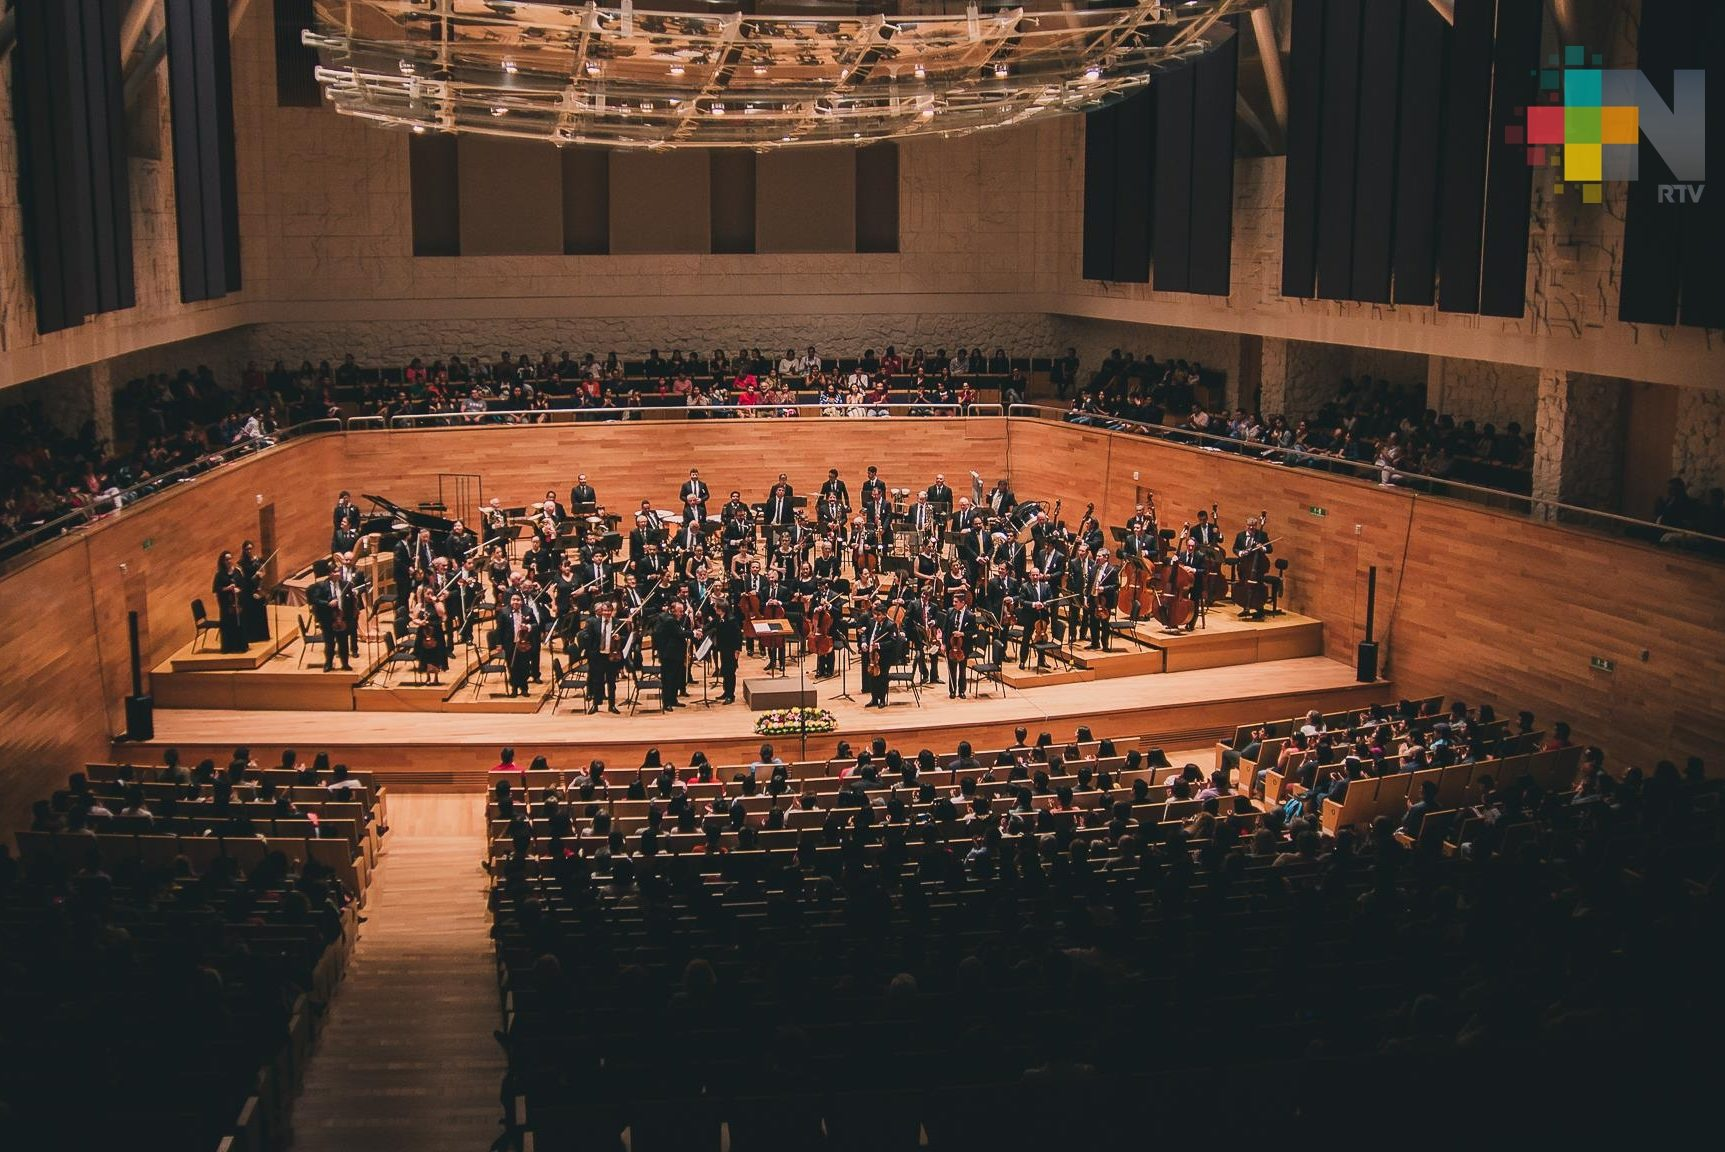 OSX regresará a sus conciertos presenciales